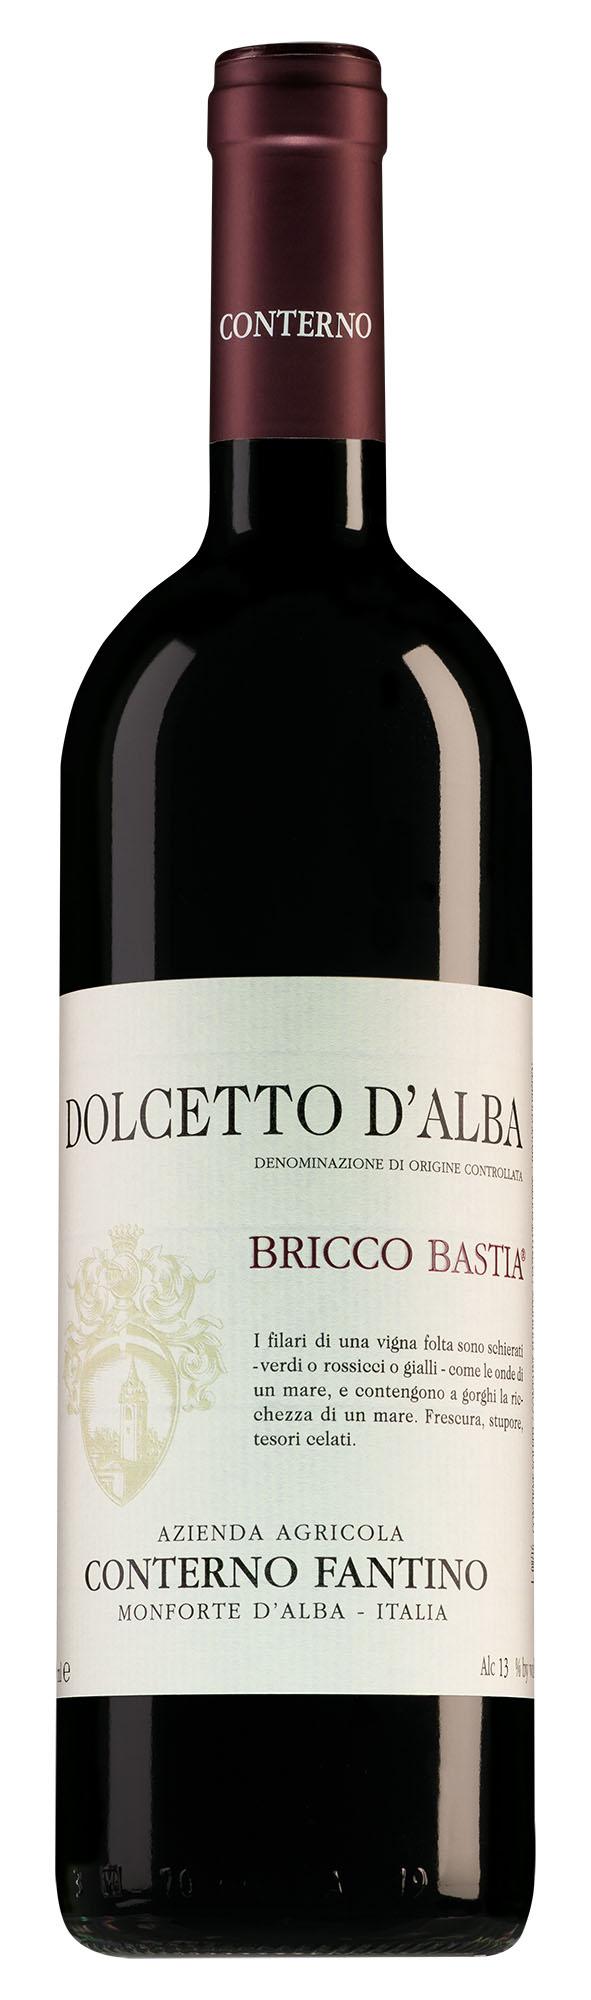 Conterno Fantino Dolcetto d'Alba Bricco Bastia